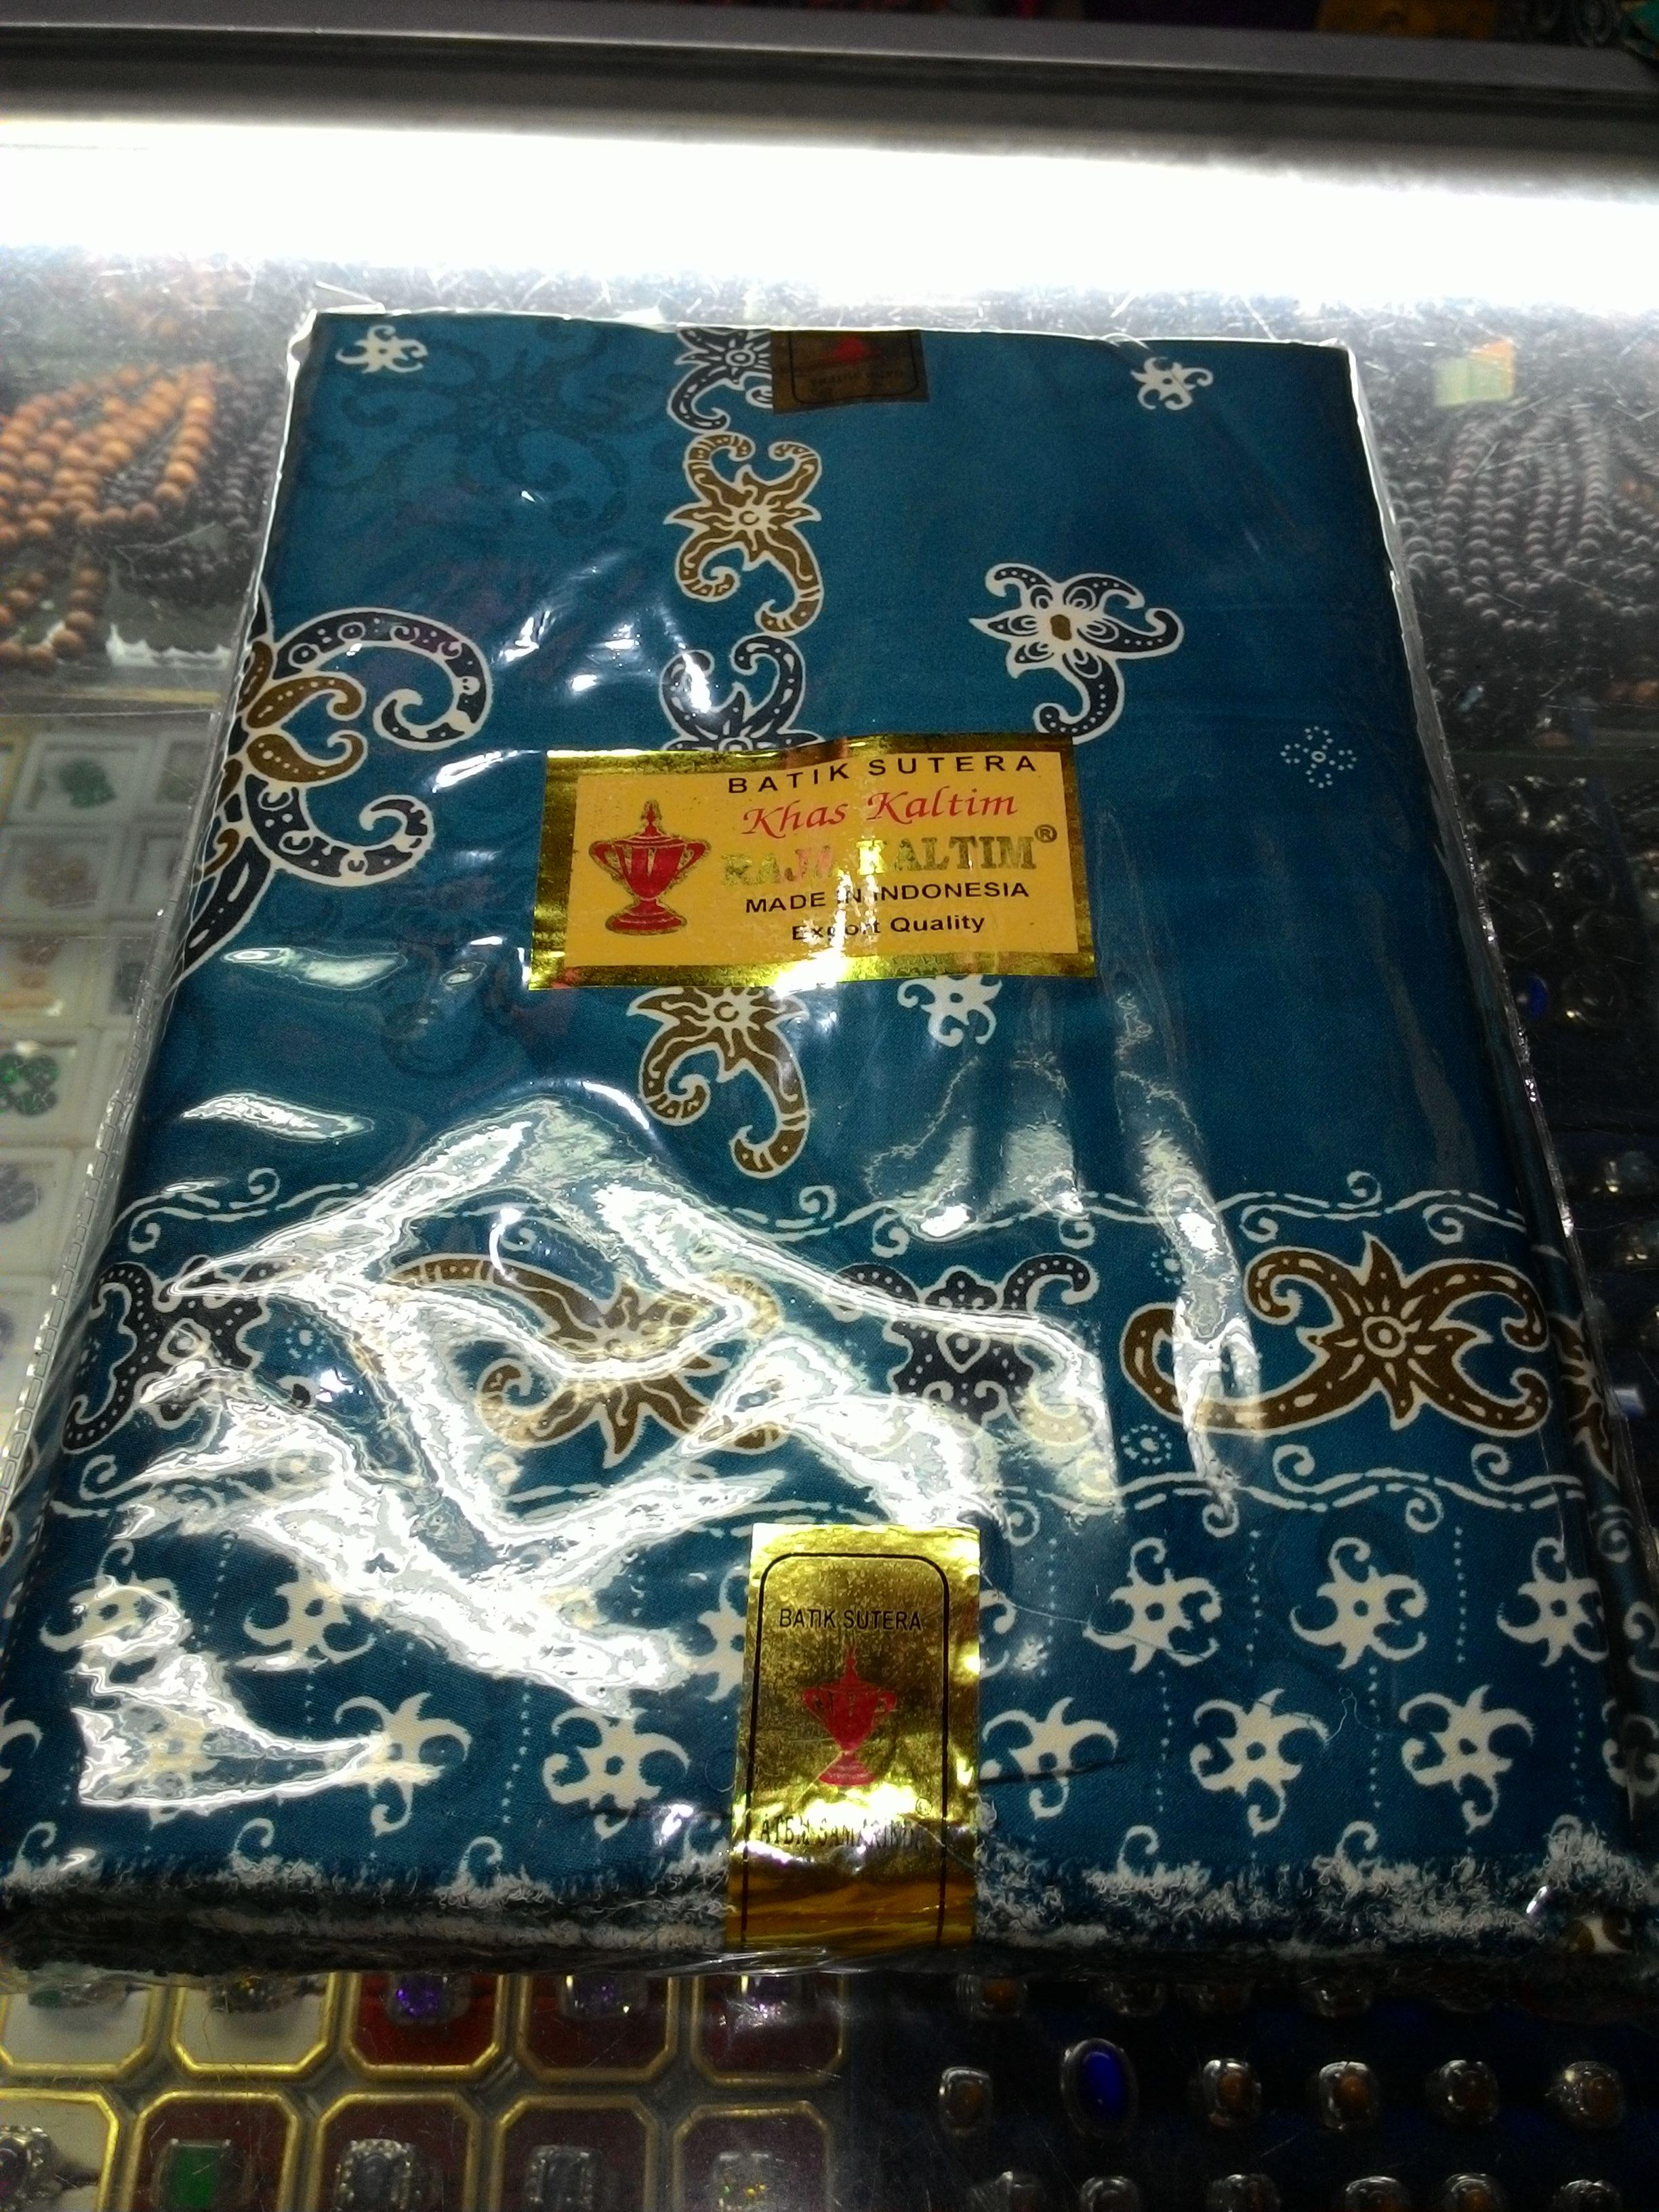 Jual Batik Kalimantan Semi Sutera  oleholehetam